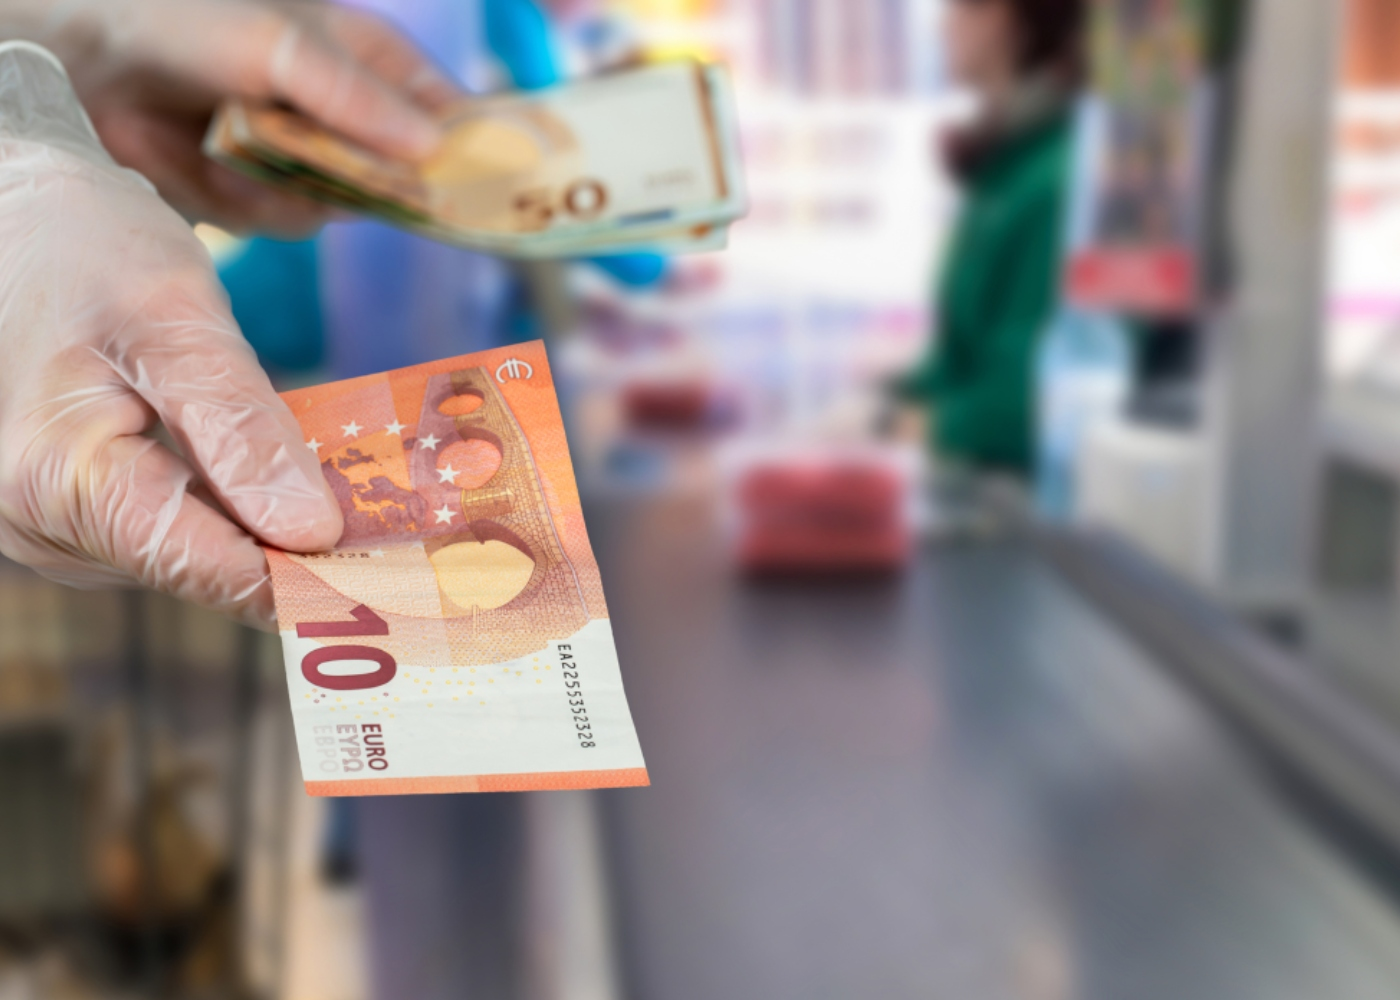 Pagar compras de supermercado com dinheiro